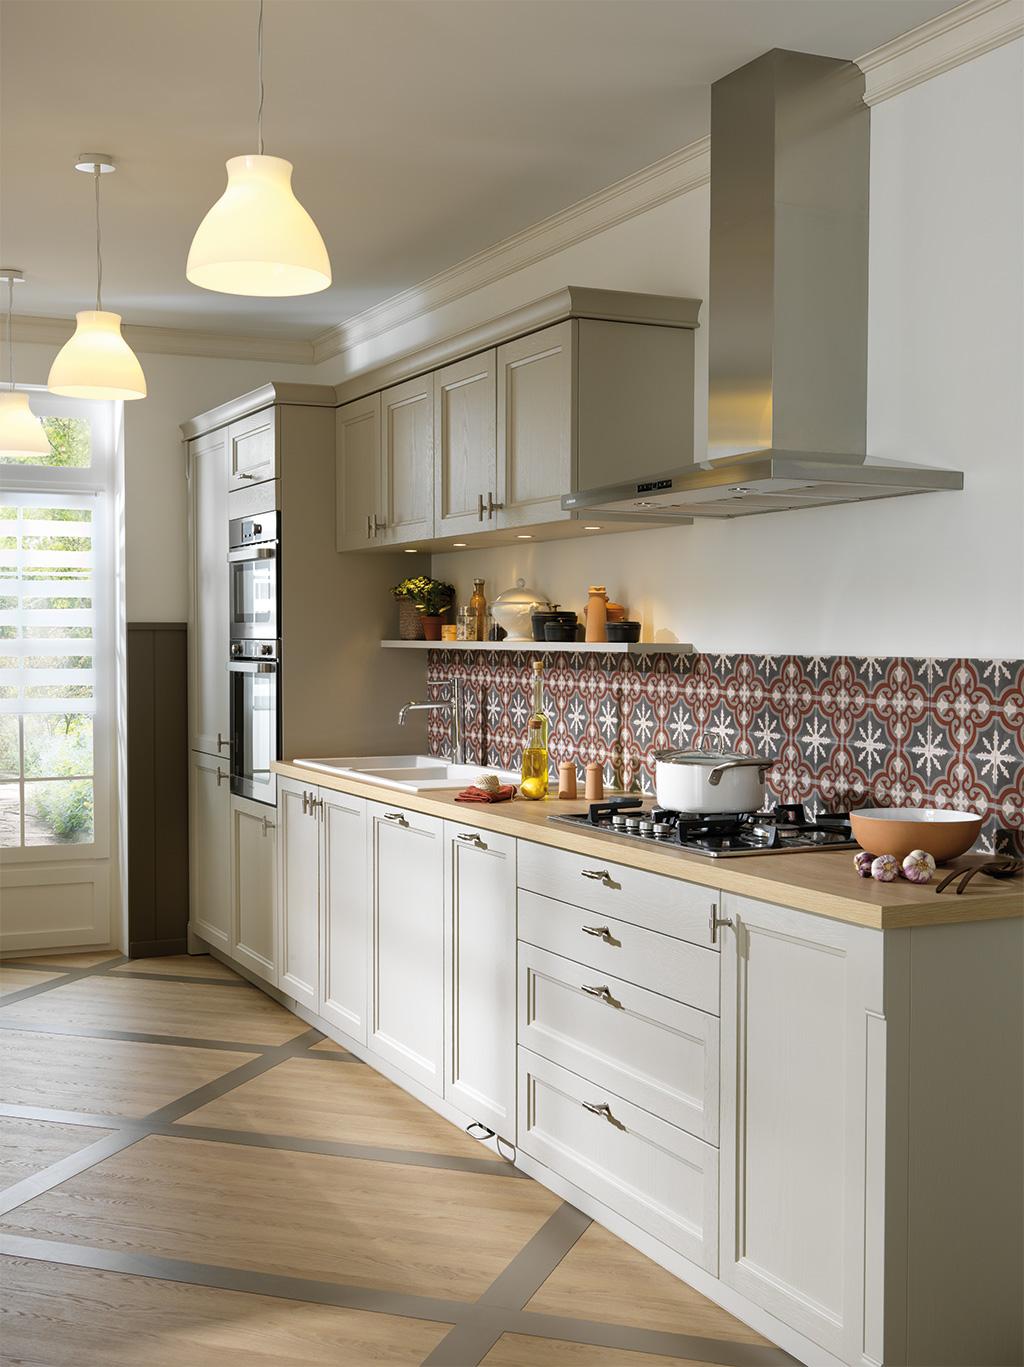 Cuisine en coloris grège clair et plan de travail en bois, avec une crédence avec des formes géométriques.